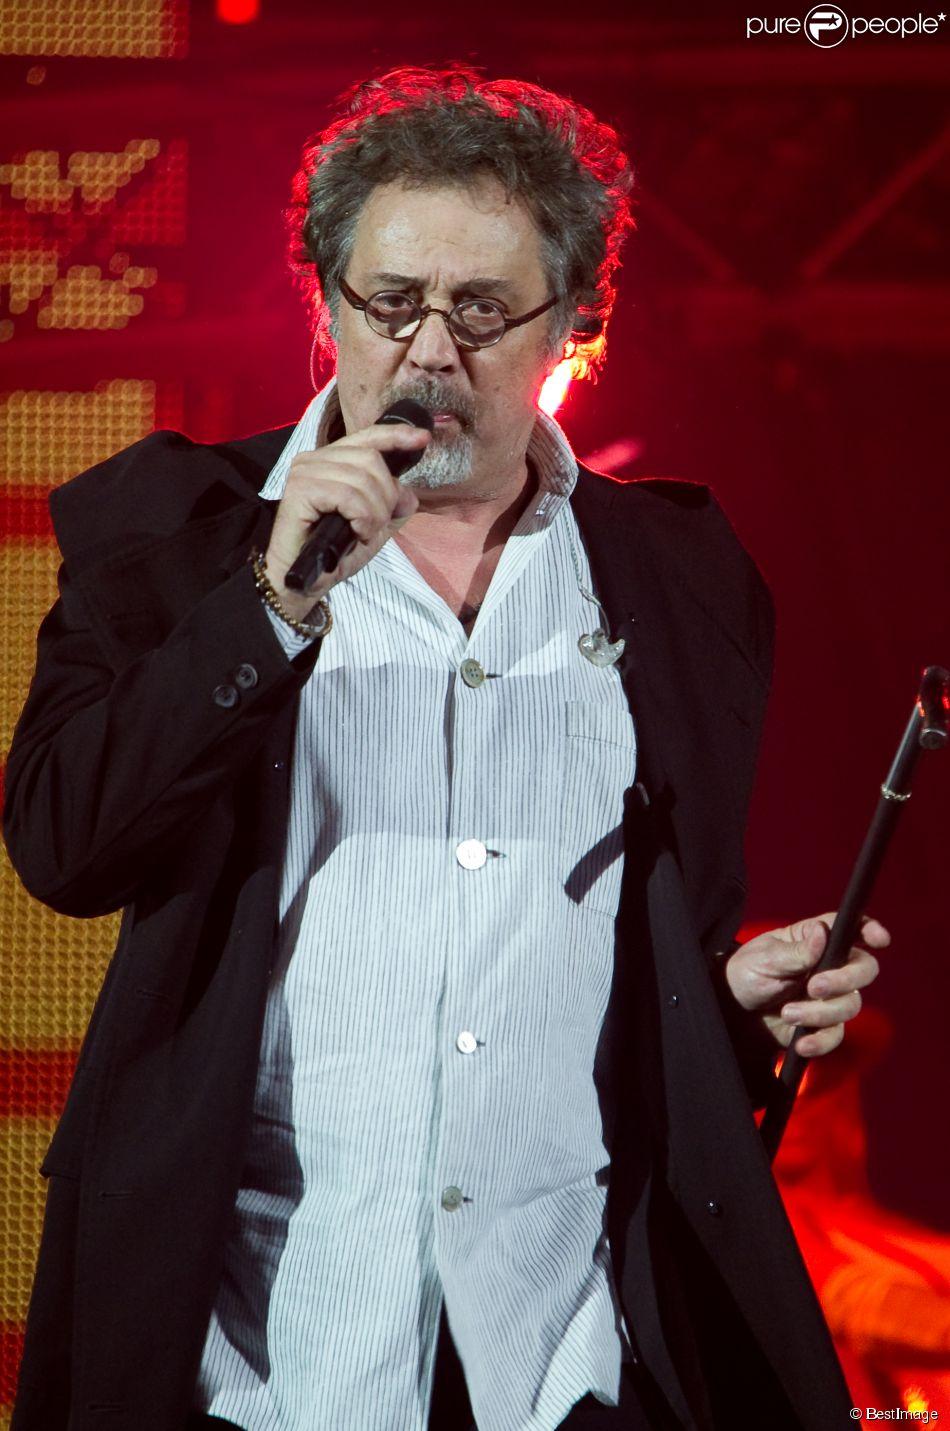 """Patrick Hernandez lors d'un concert """"Stars 80"""" au Palais omnisports de Paris-Bercy à Paris, le 21 décembre 2013."""